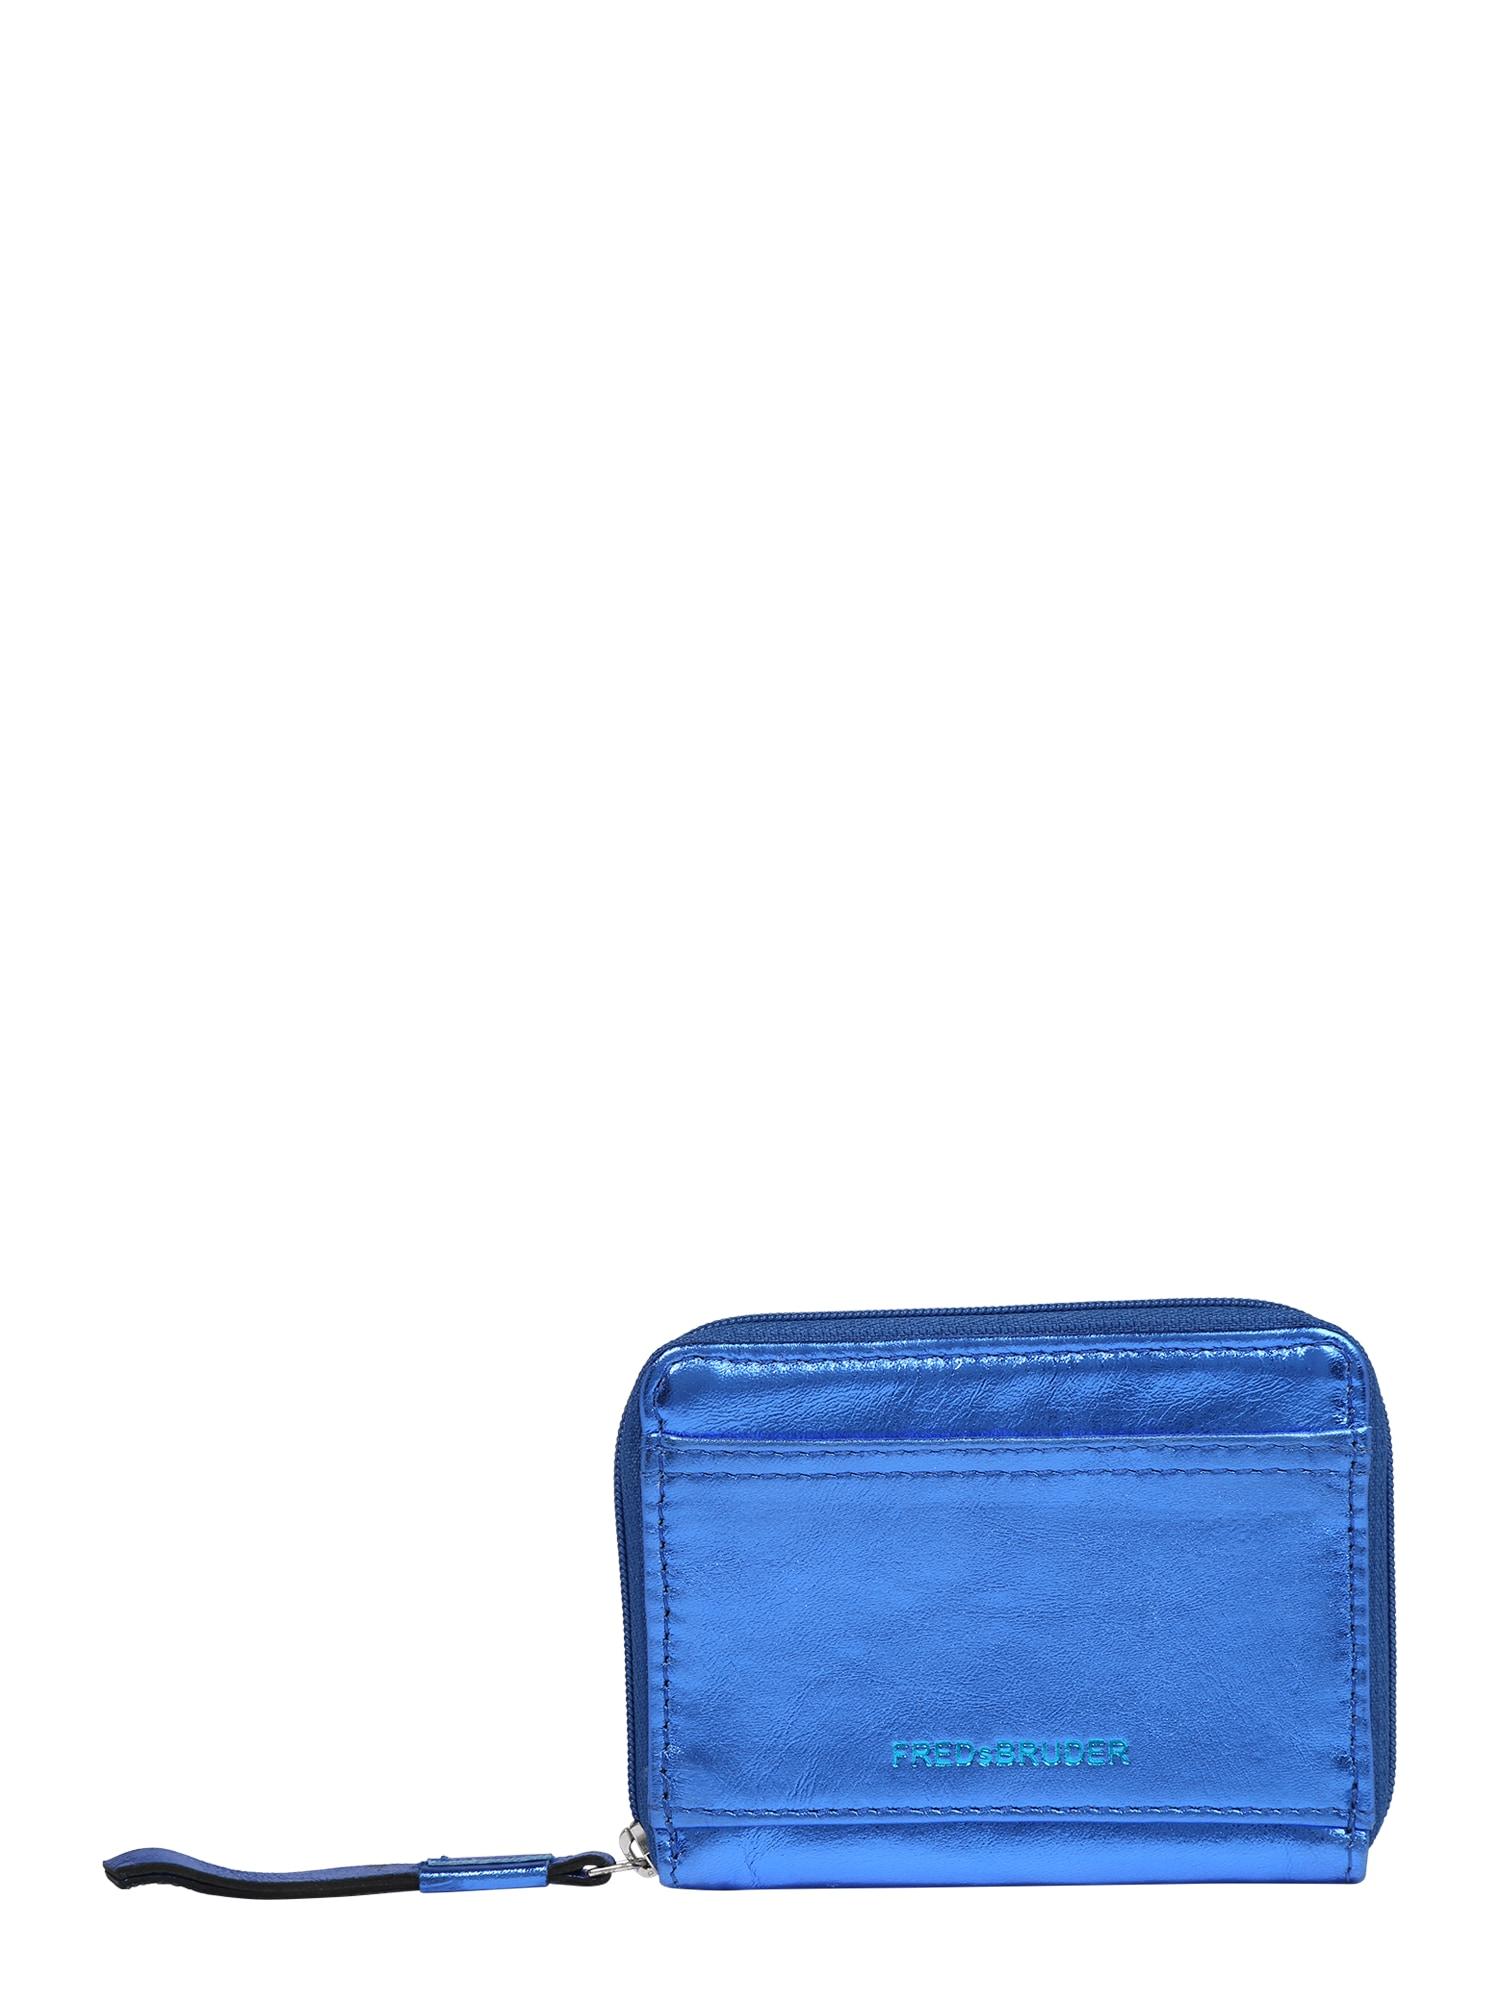 Peněženka Coin Pocket modrá FREDsBRUDER